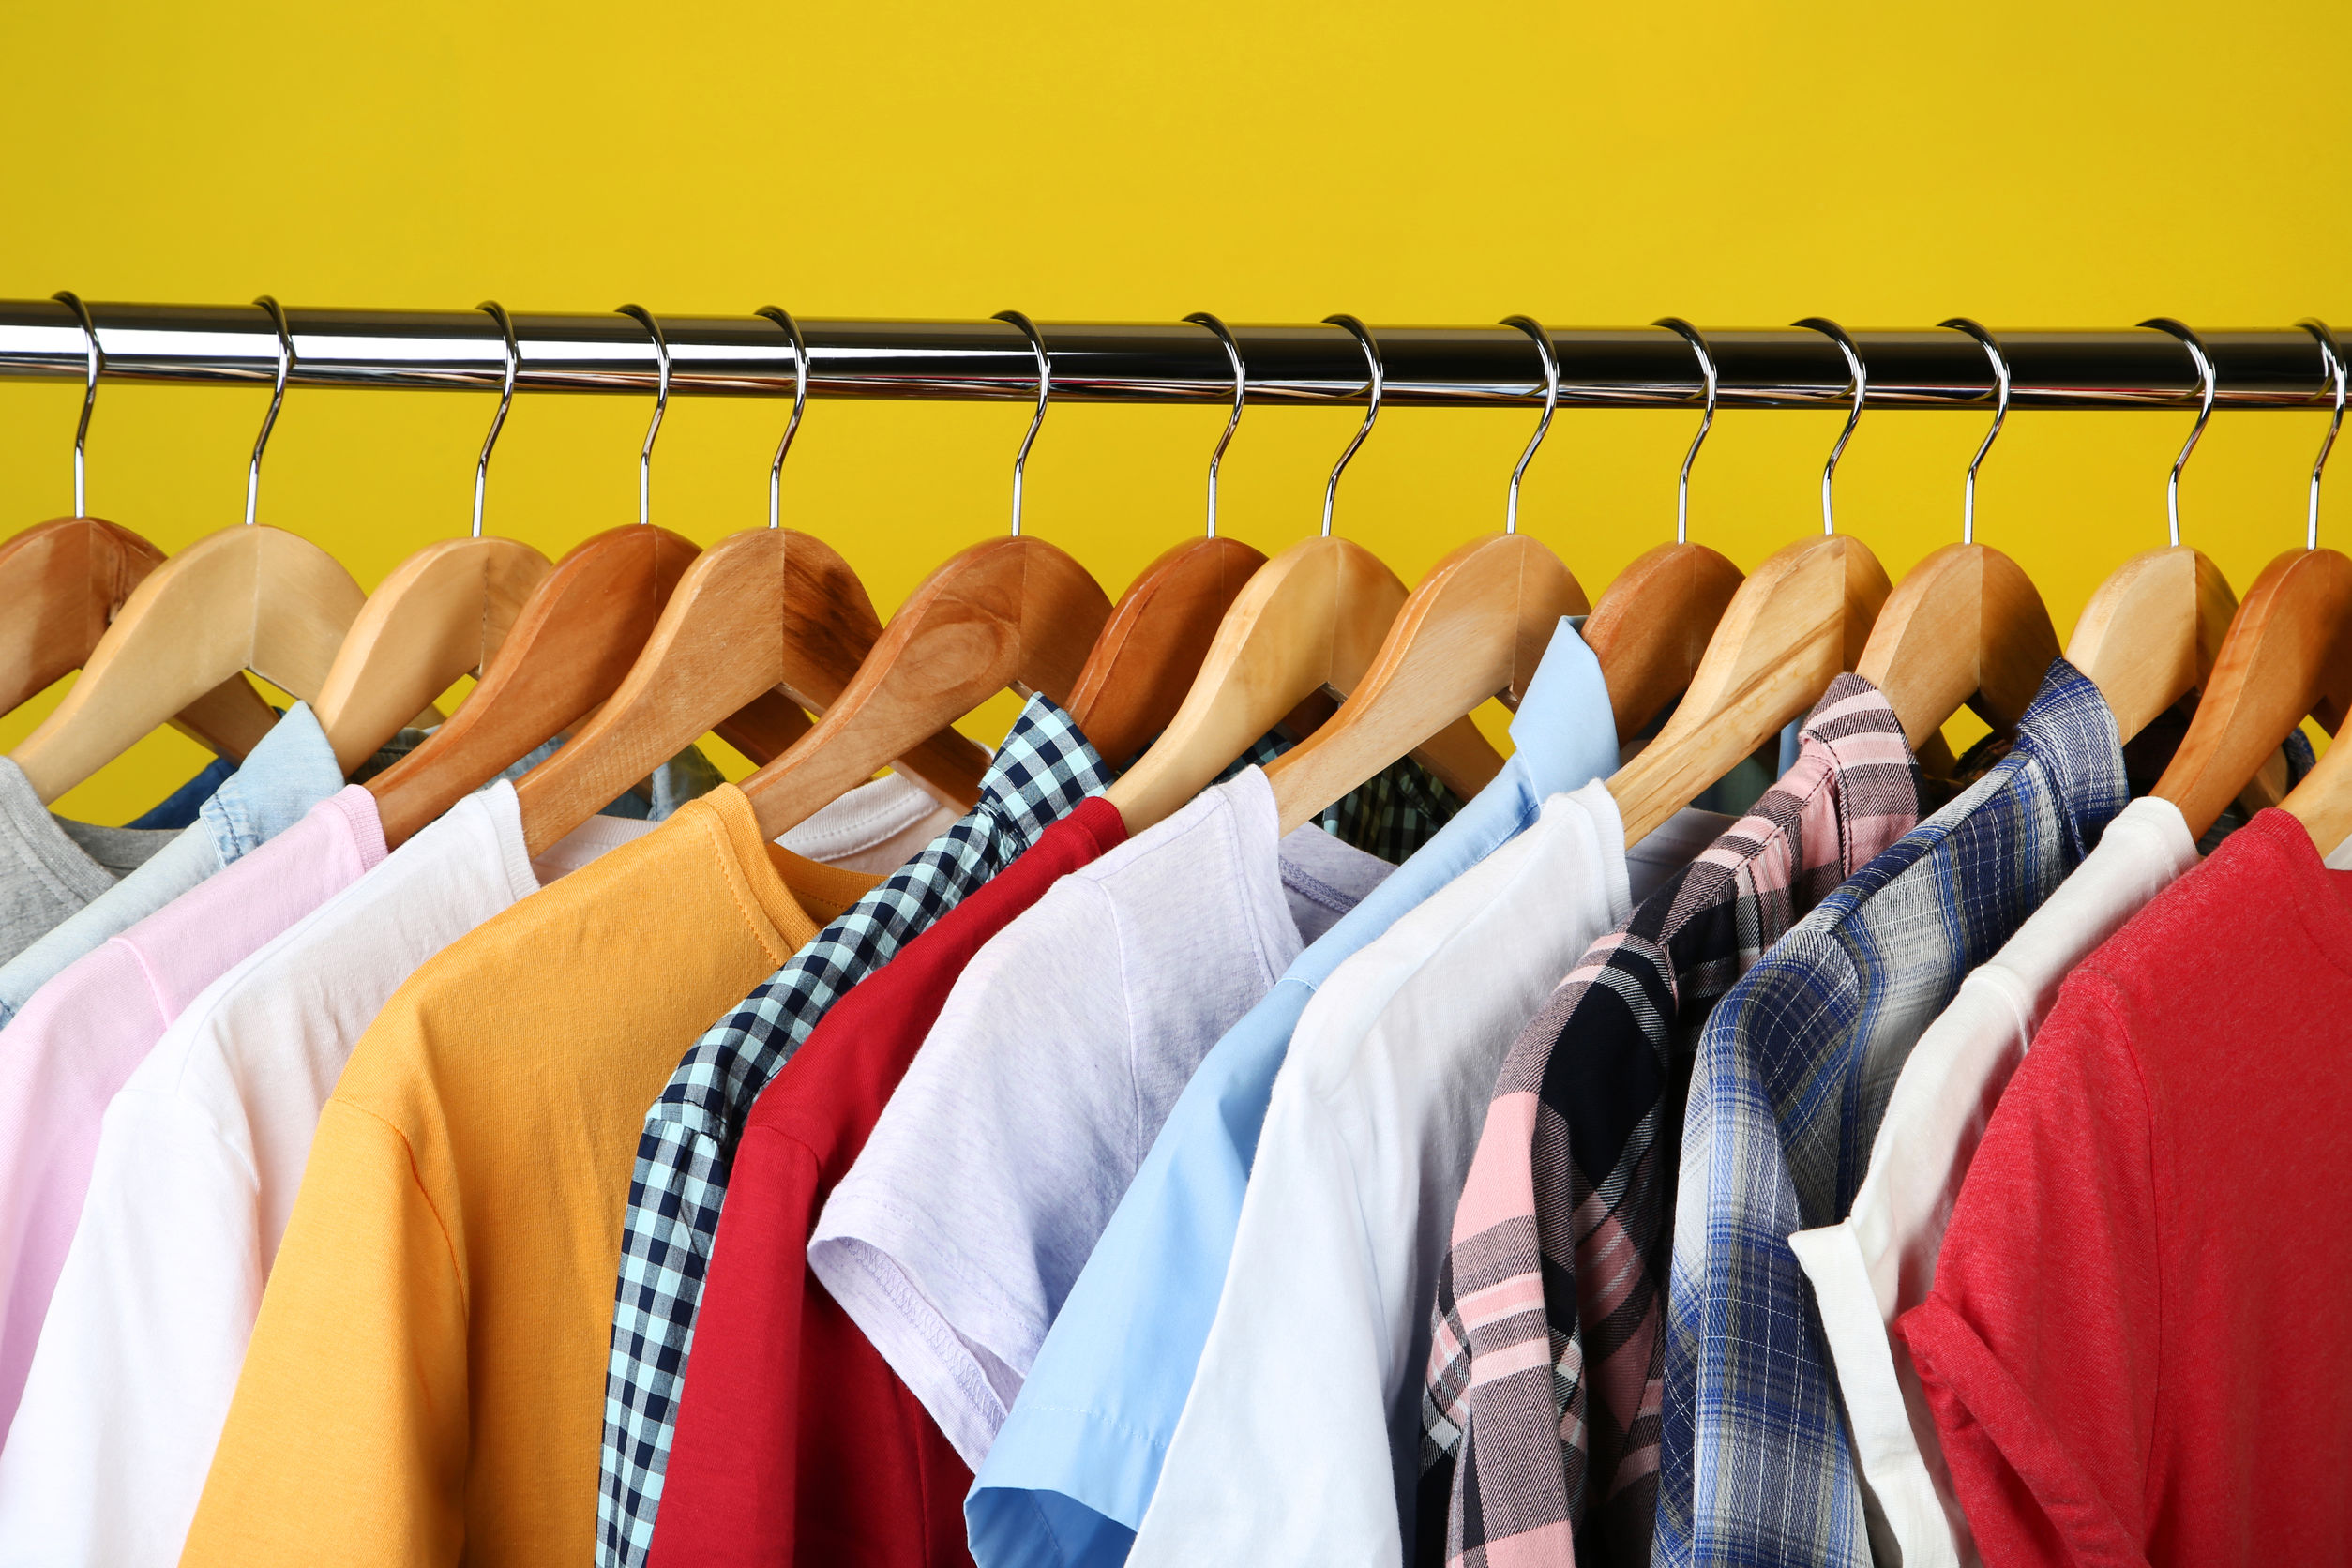 Kleiderständer: Test & Empfehlungen (10/20)